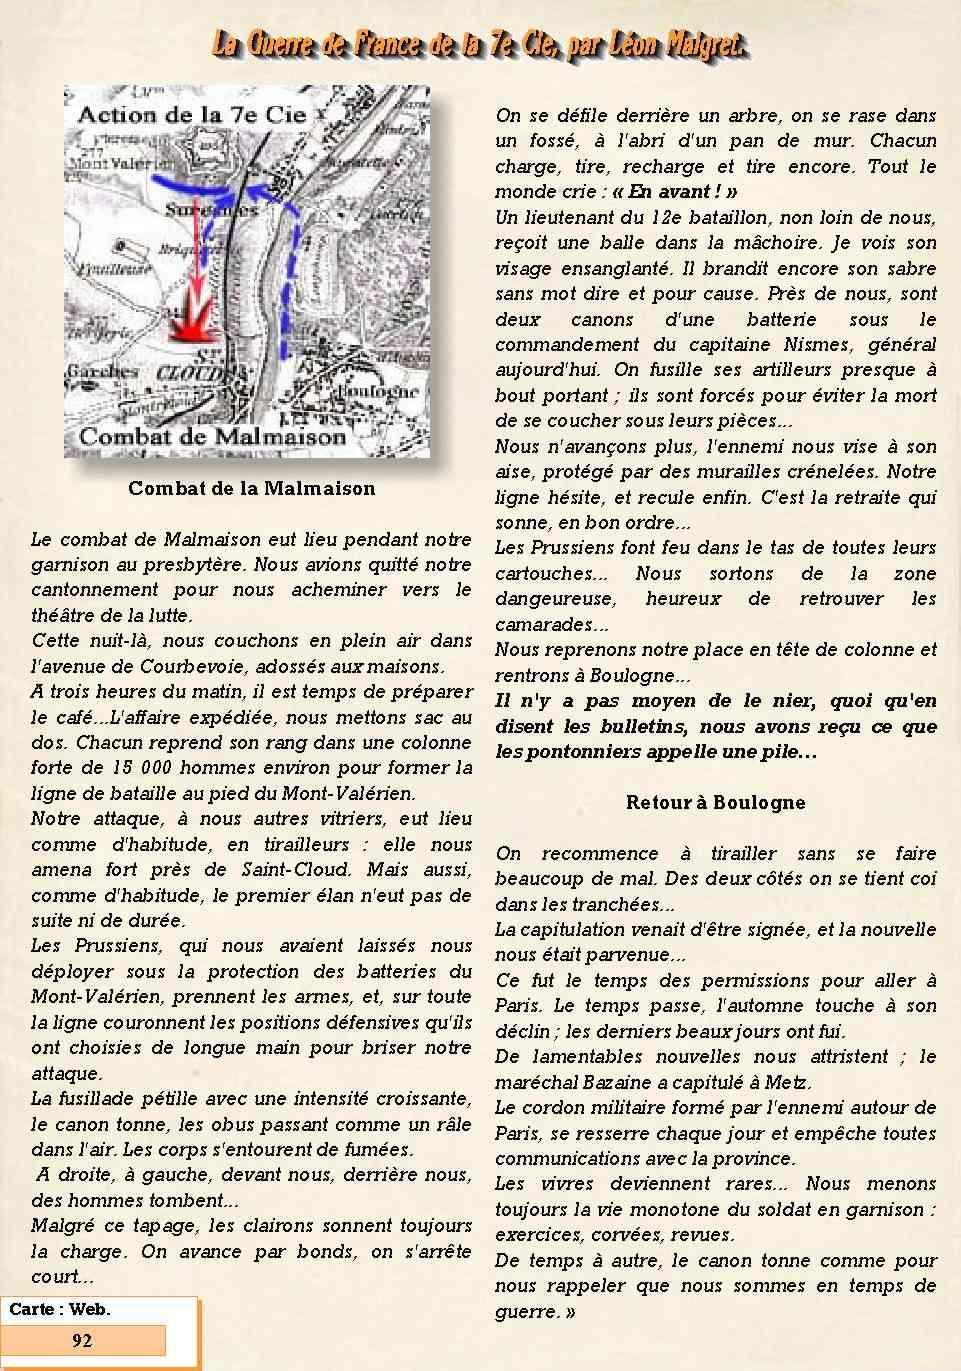 L'Historique du 14e Bataillon de Chasseurs. 1854 - 1962 Page_911